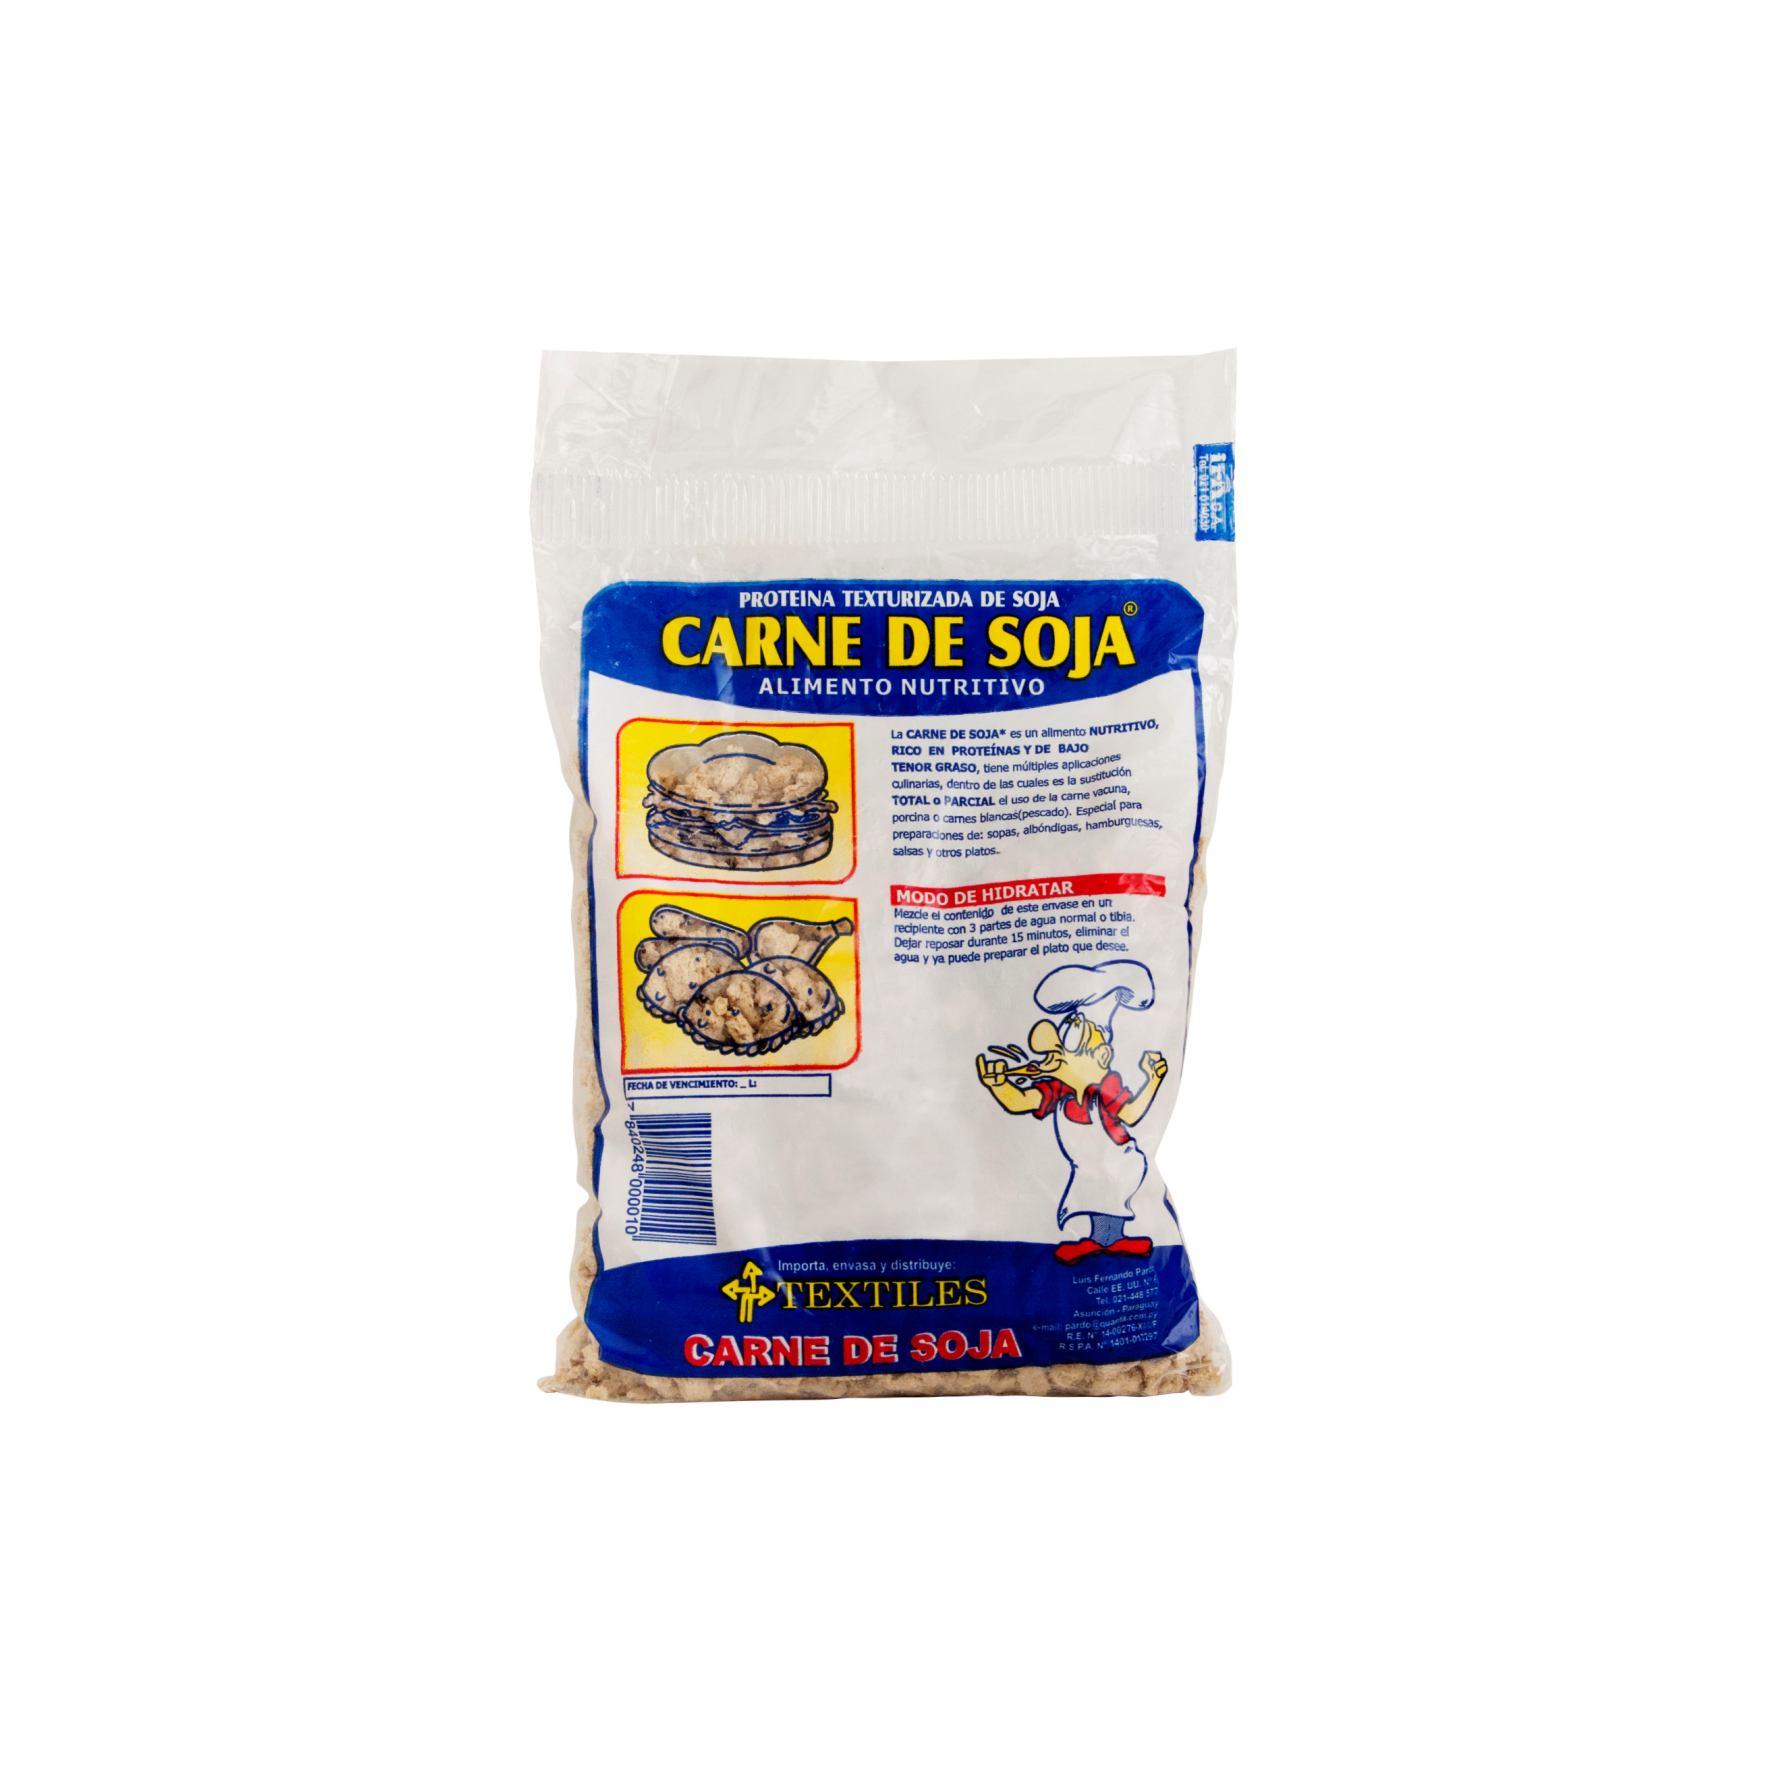 CARNE DE SOJA TLES PAQUETE 200 GR